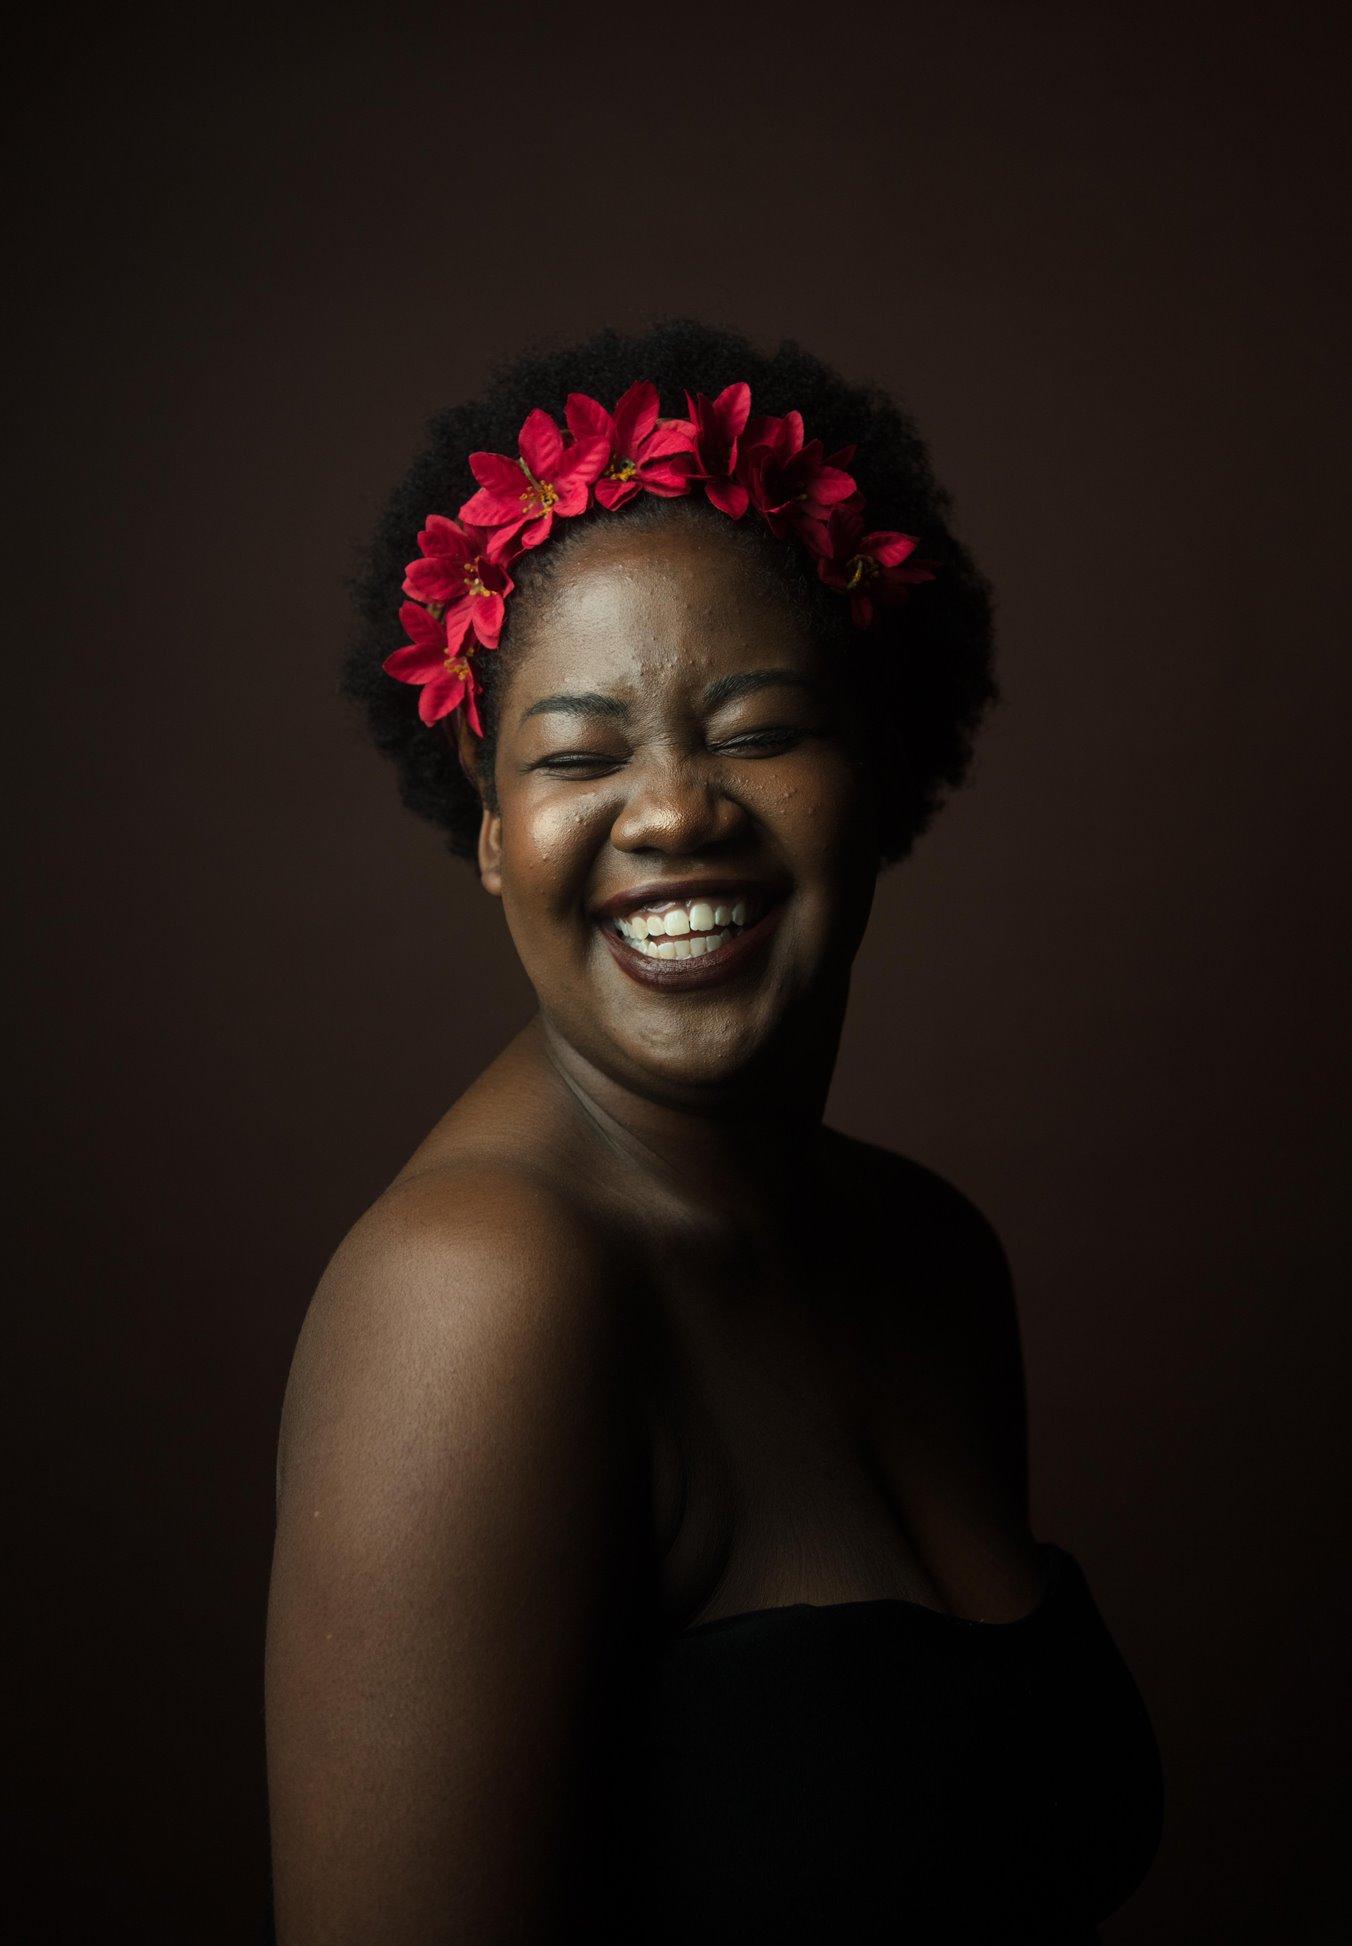 mujer sonriendo con flores rojas en el pelo